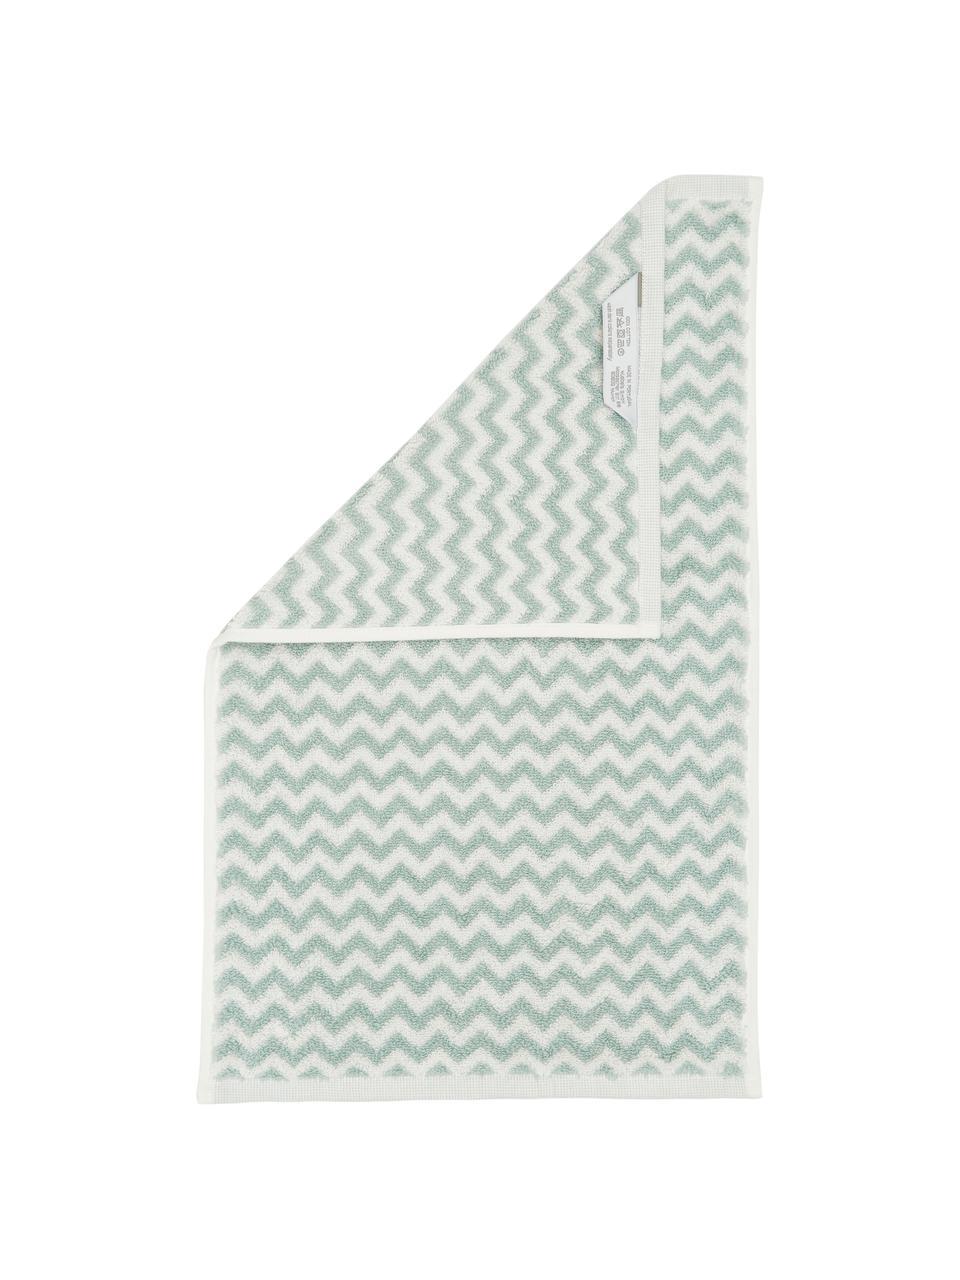 Serviette de toilette coton pur à imprimé zigzag Liv, Vert menthe, blanc crème